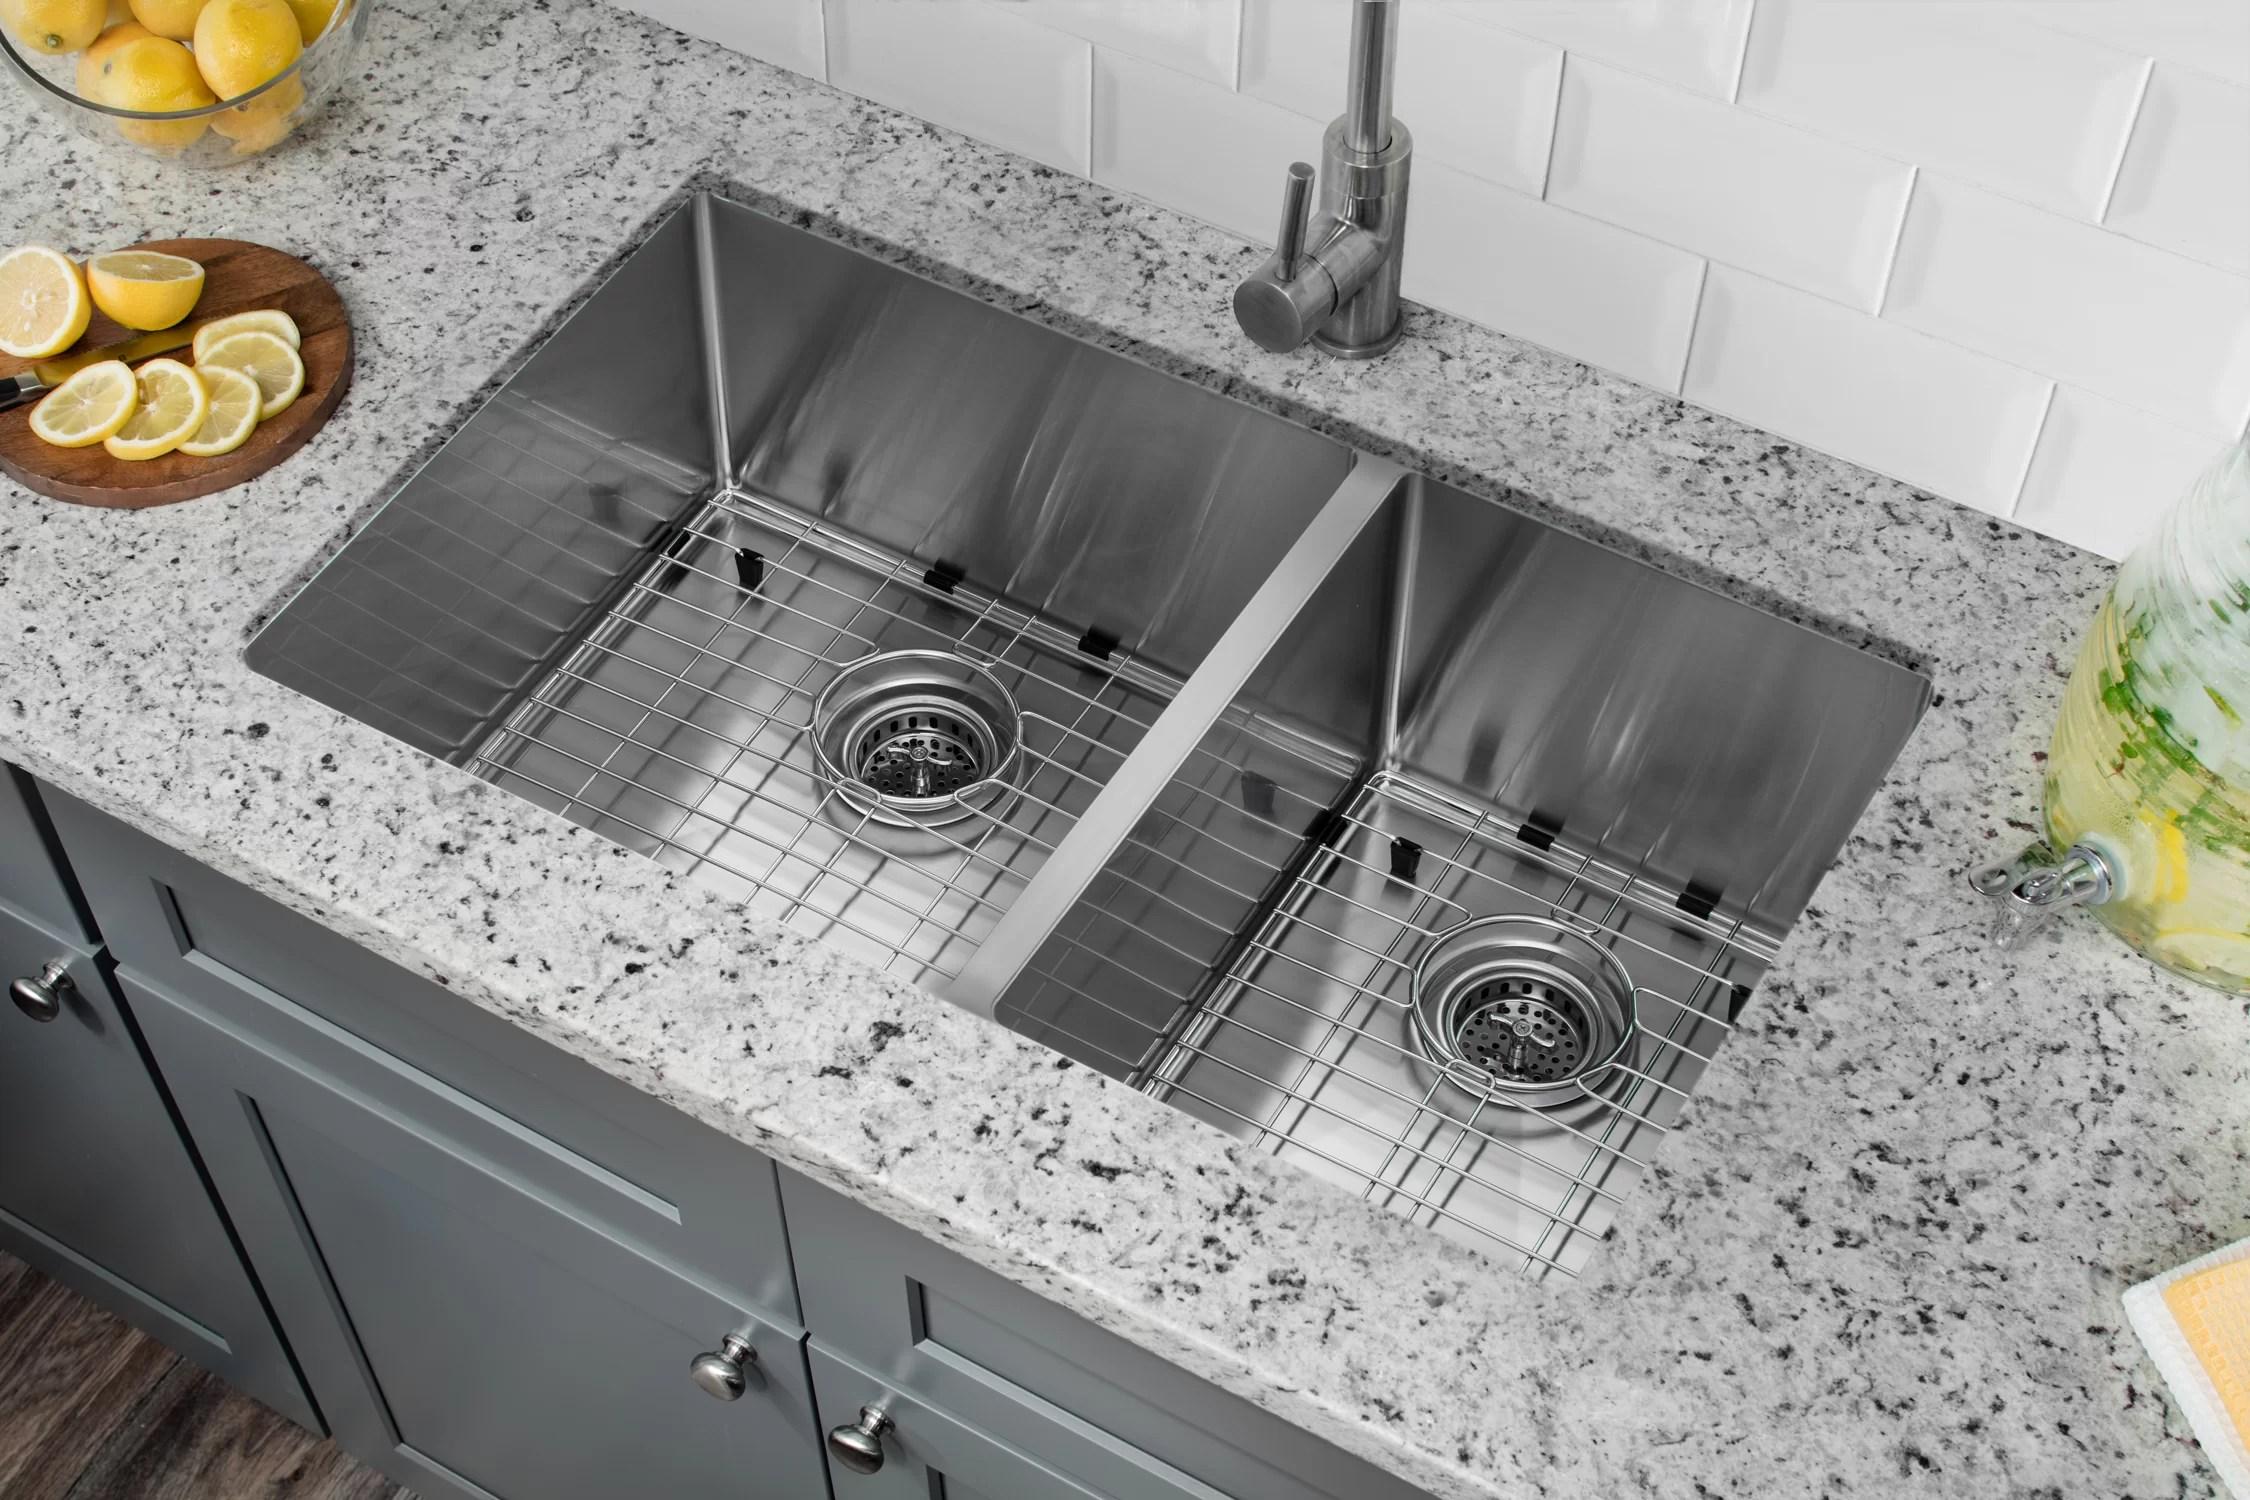 soleil radius 16 gauge stainless steel 32 x 19 60 40 double bowl undermount kitchen sink reviews wayfair